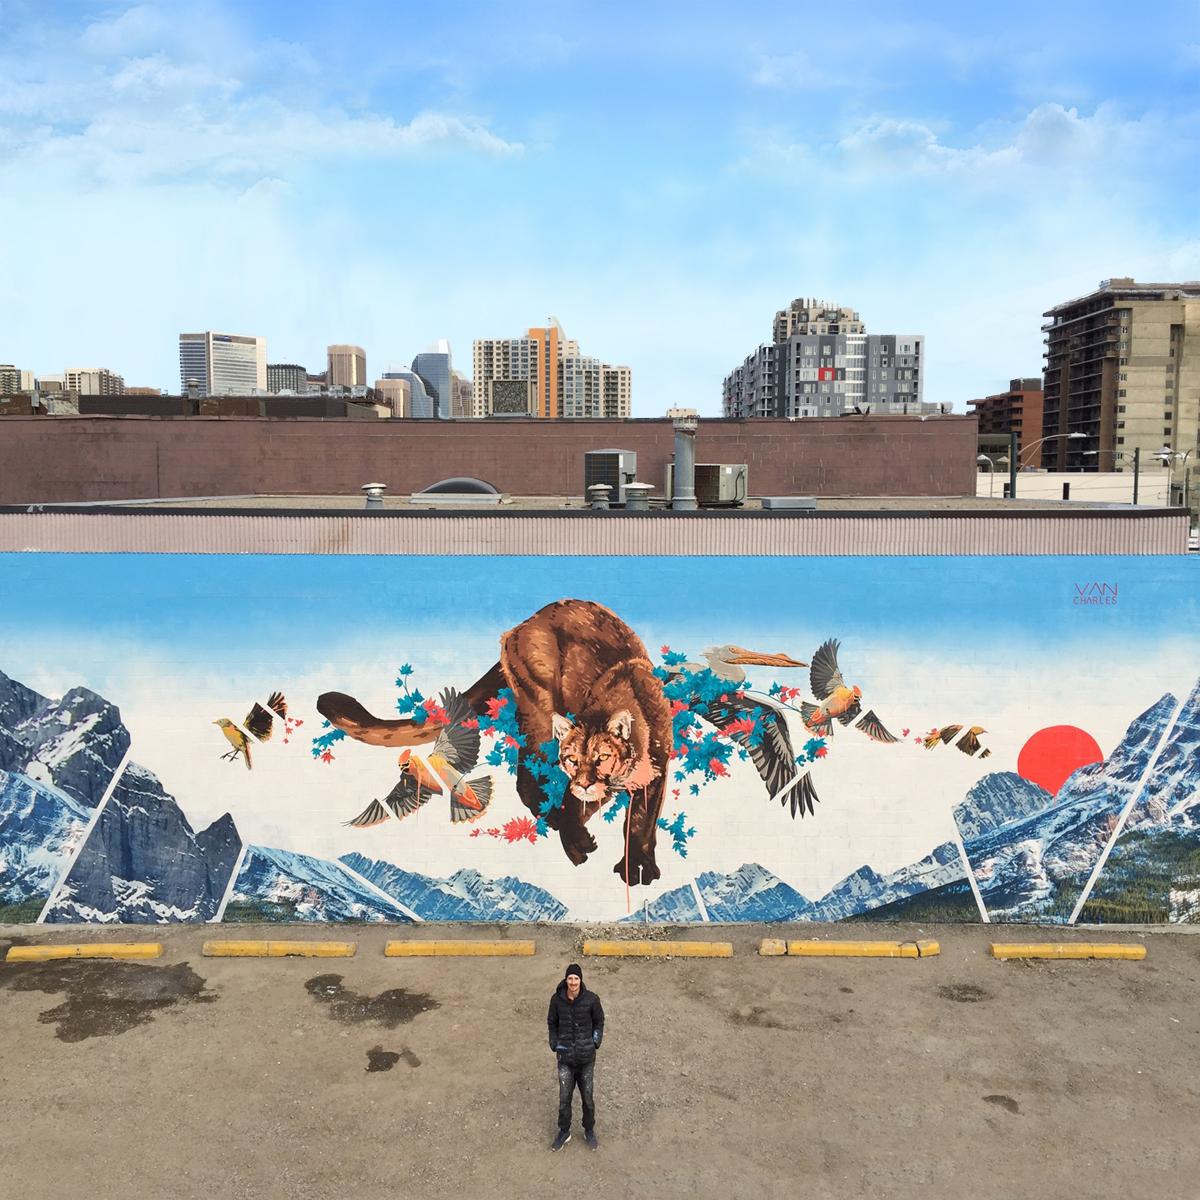 van charles artwork - beltline mural project